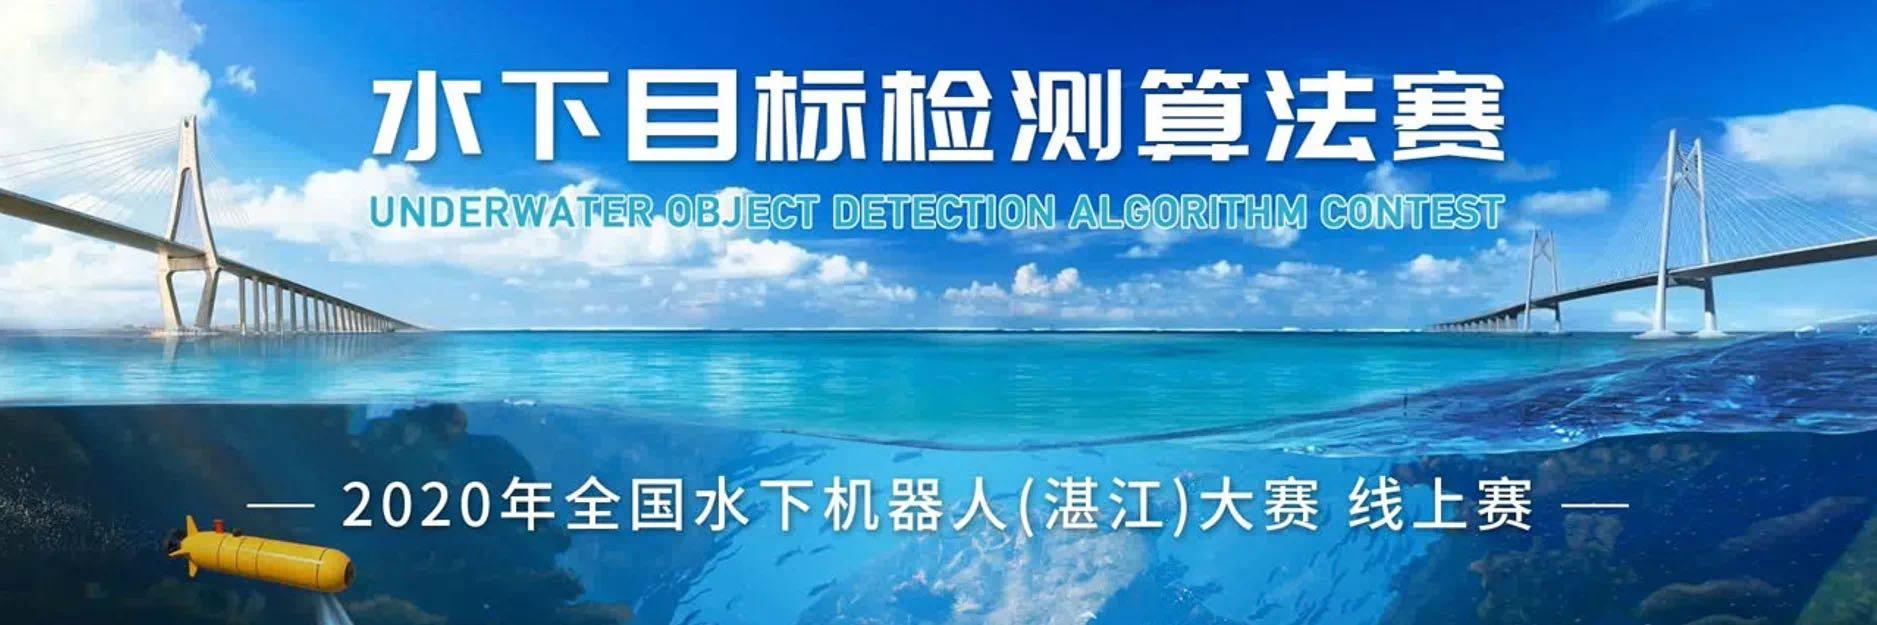 科技赋能智慧海洋,2020水下目标检测算法赛圆满落幕